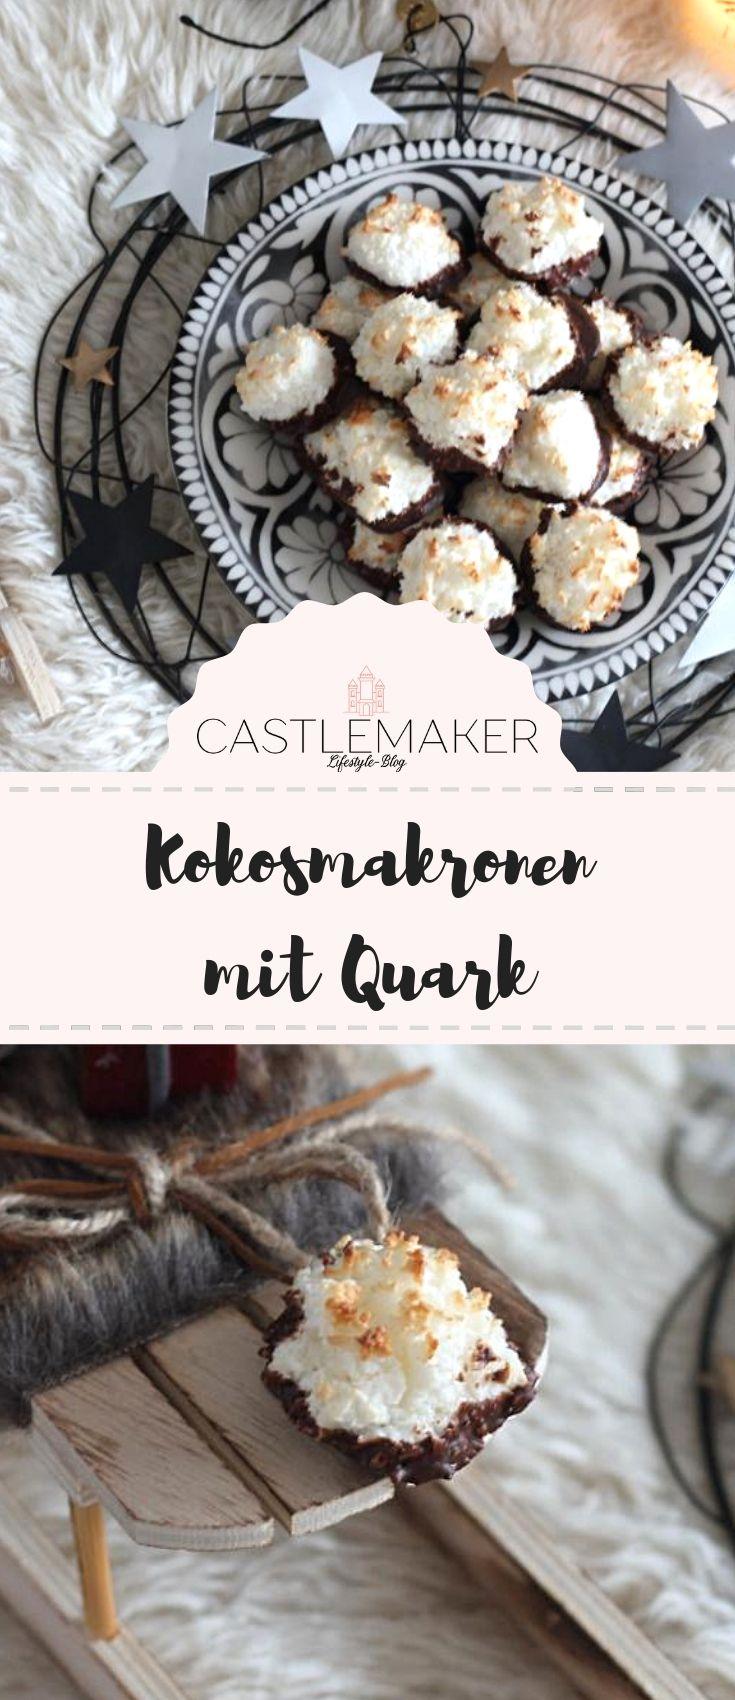 Rezept Für Saftige Kokosmakronen Mit Quark Tipps Für Eischnee